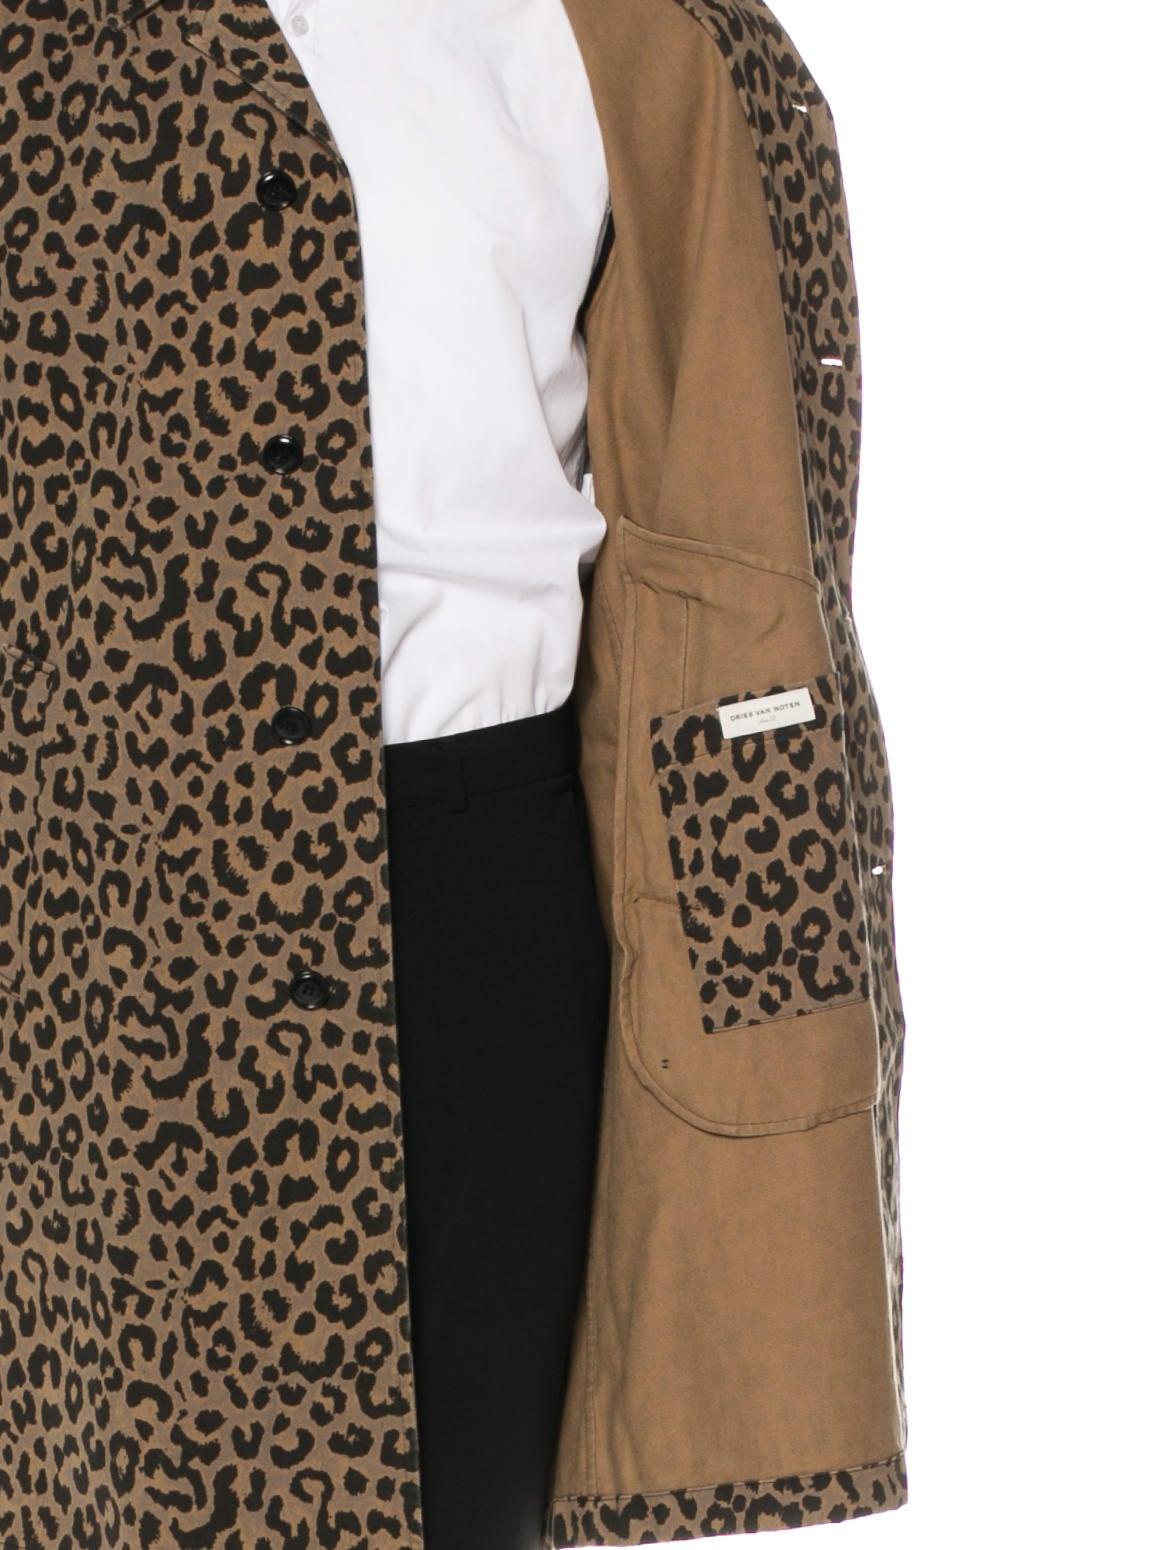 Dries Van Noten Leopard Print Notch-Lapel Coat - Clothing - DRI42332 | The RealReal